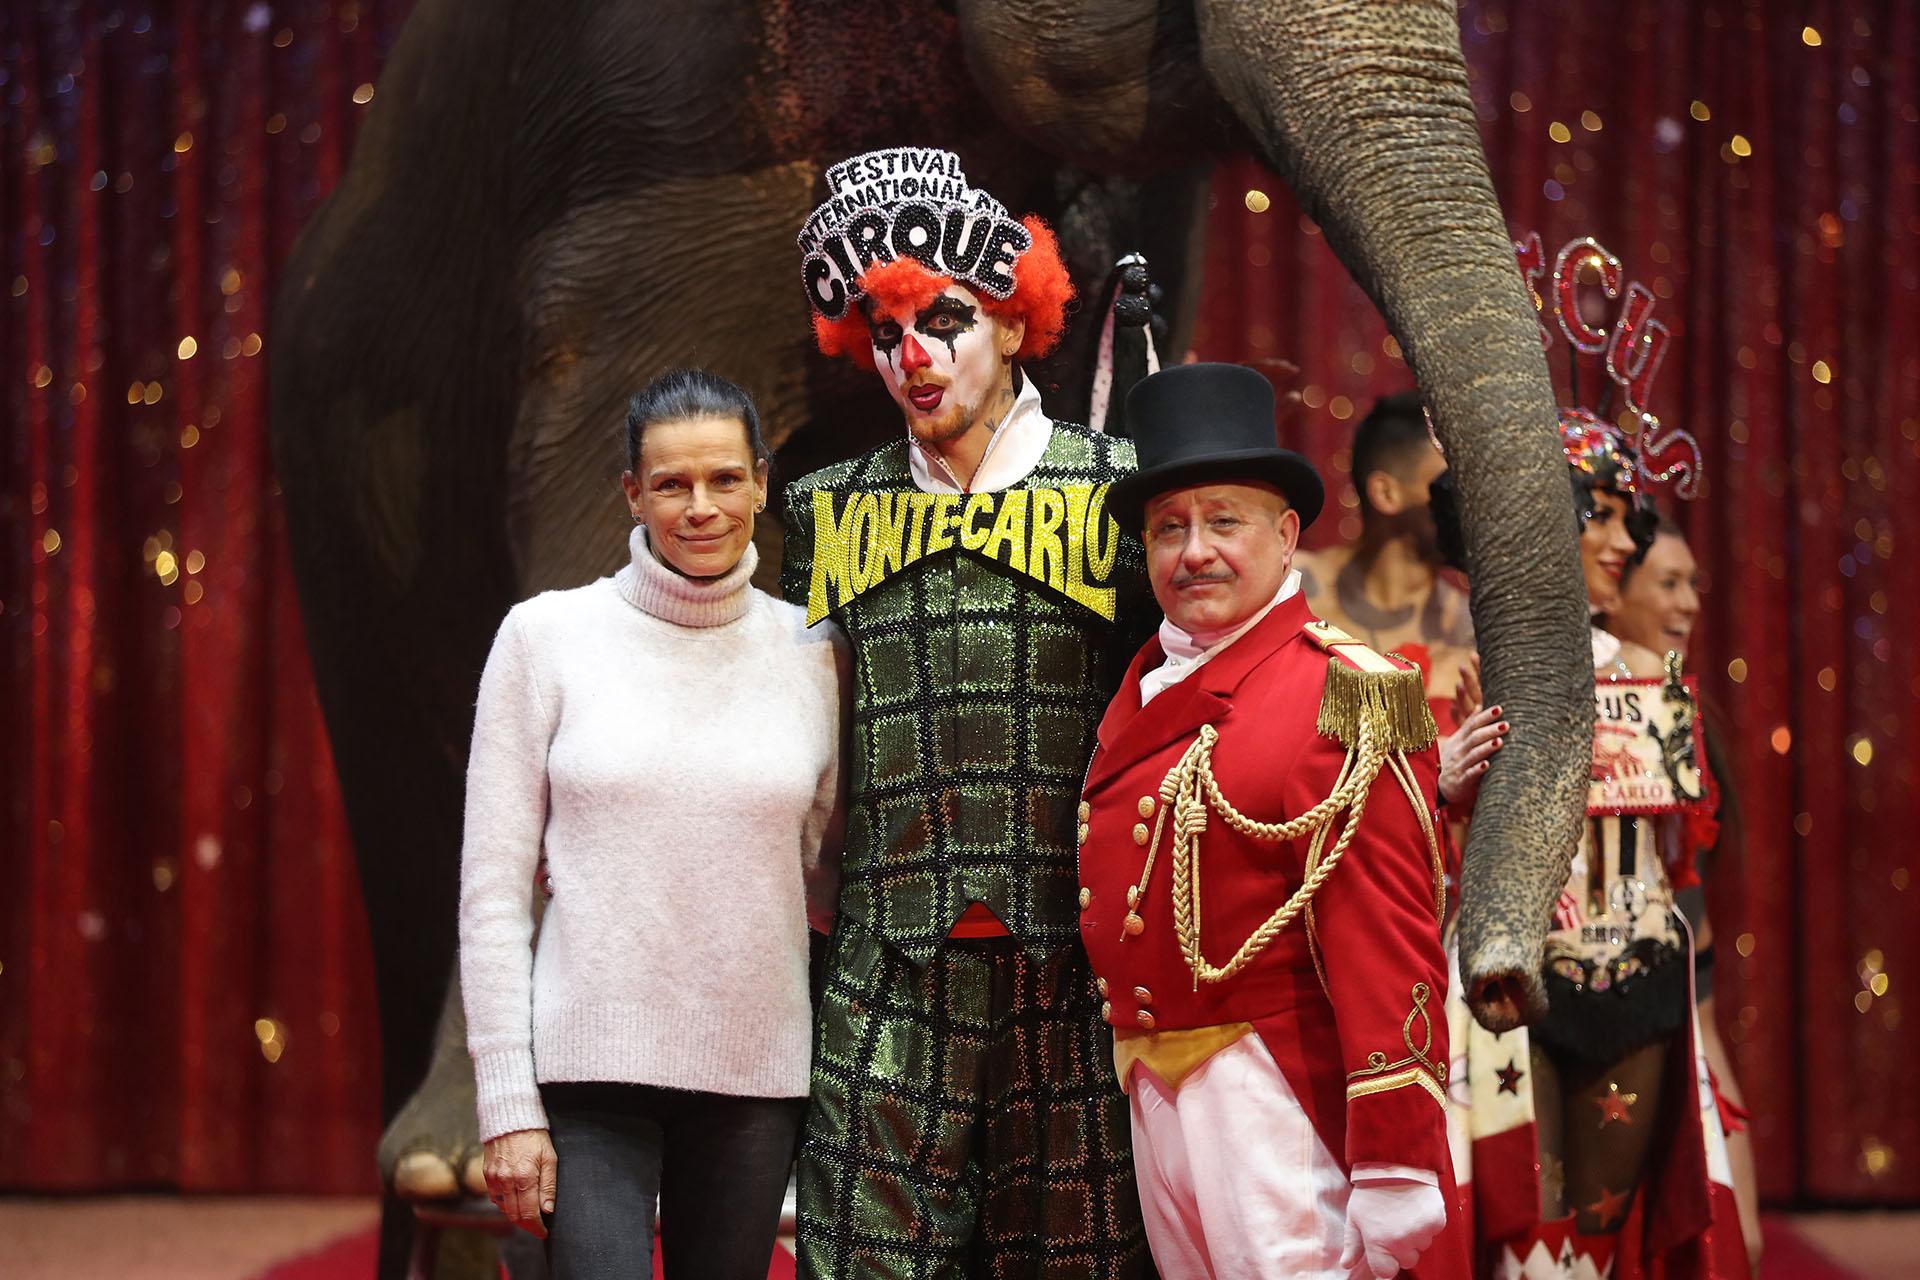 La princesa siempre estuvo relacionada con el mundo del circo, incluso por sus relaciones amorosas